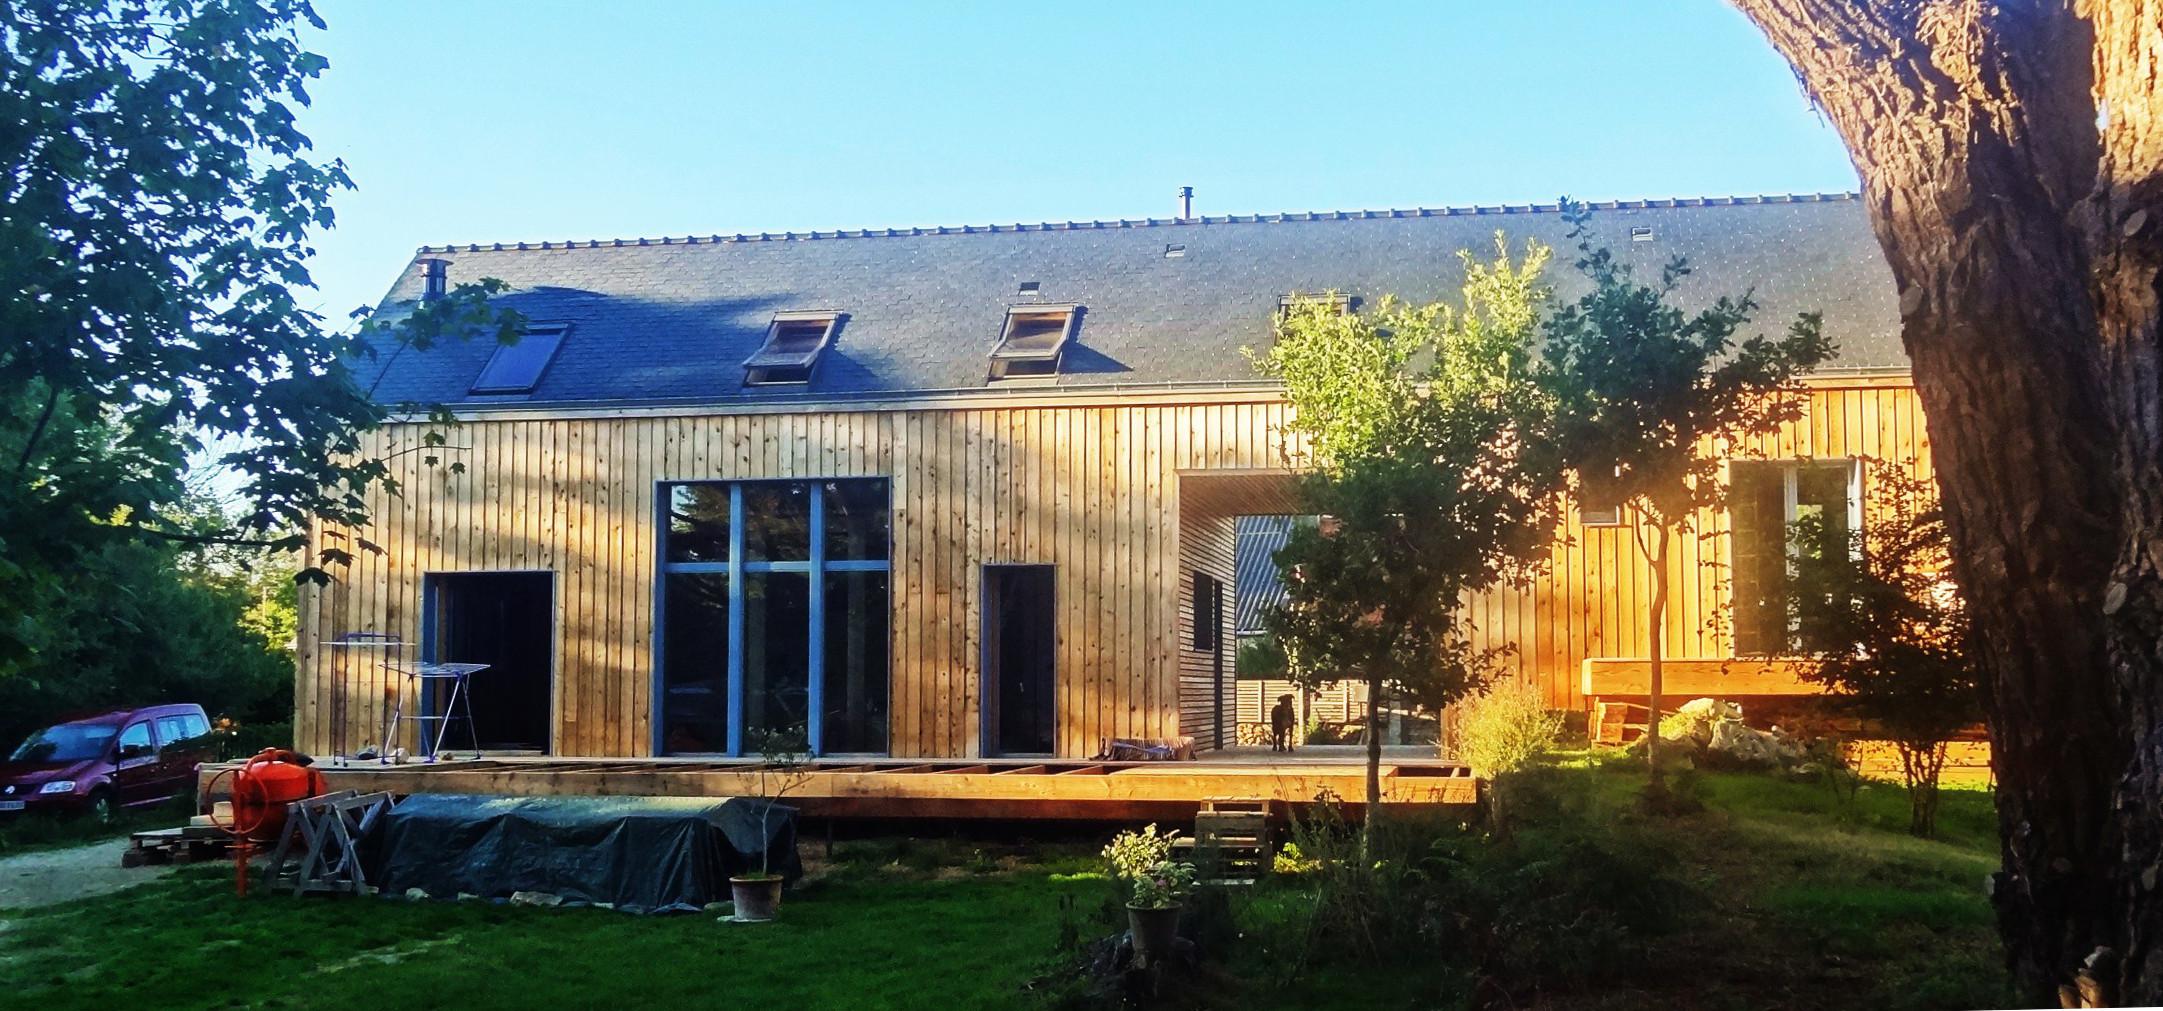 Tyerra architectes architecture habitat sain finist re for Autoconstruction maison en paille